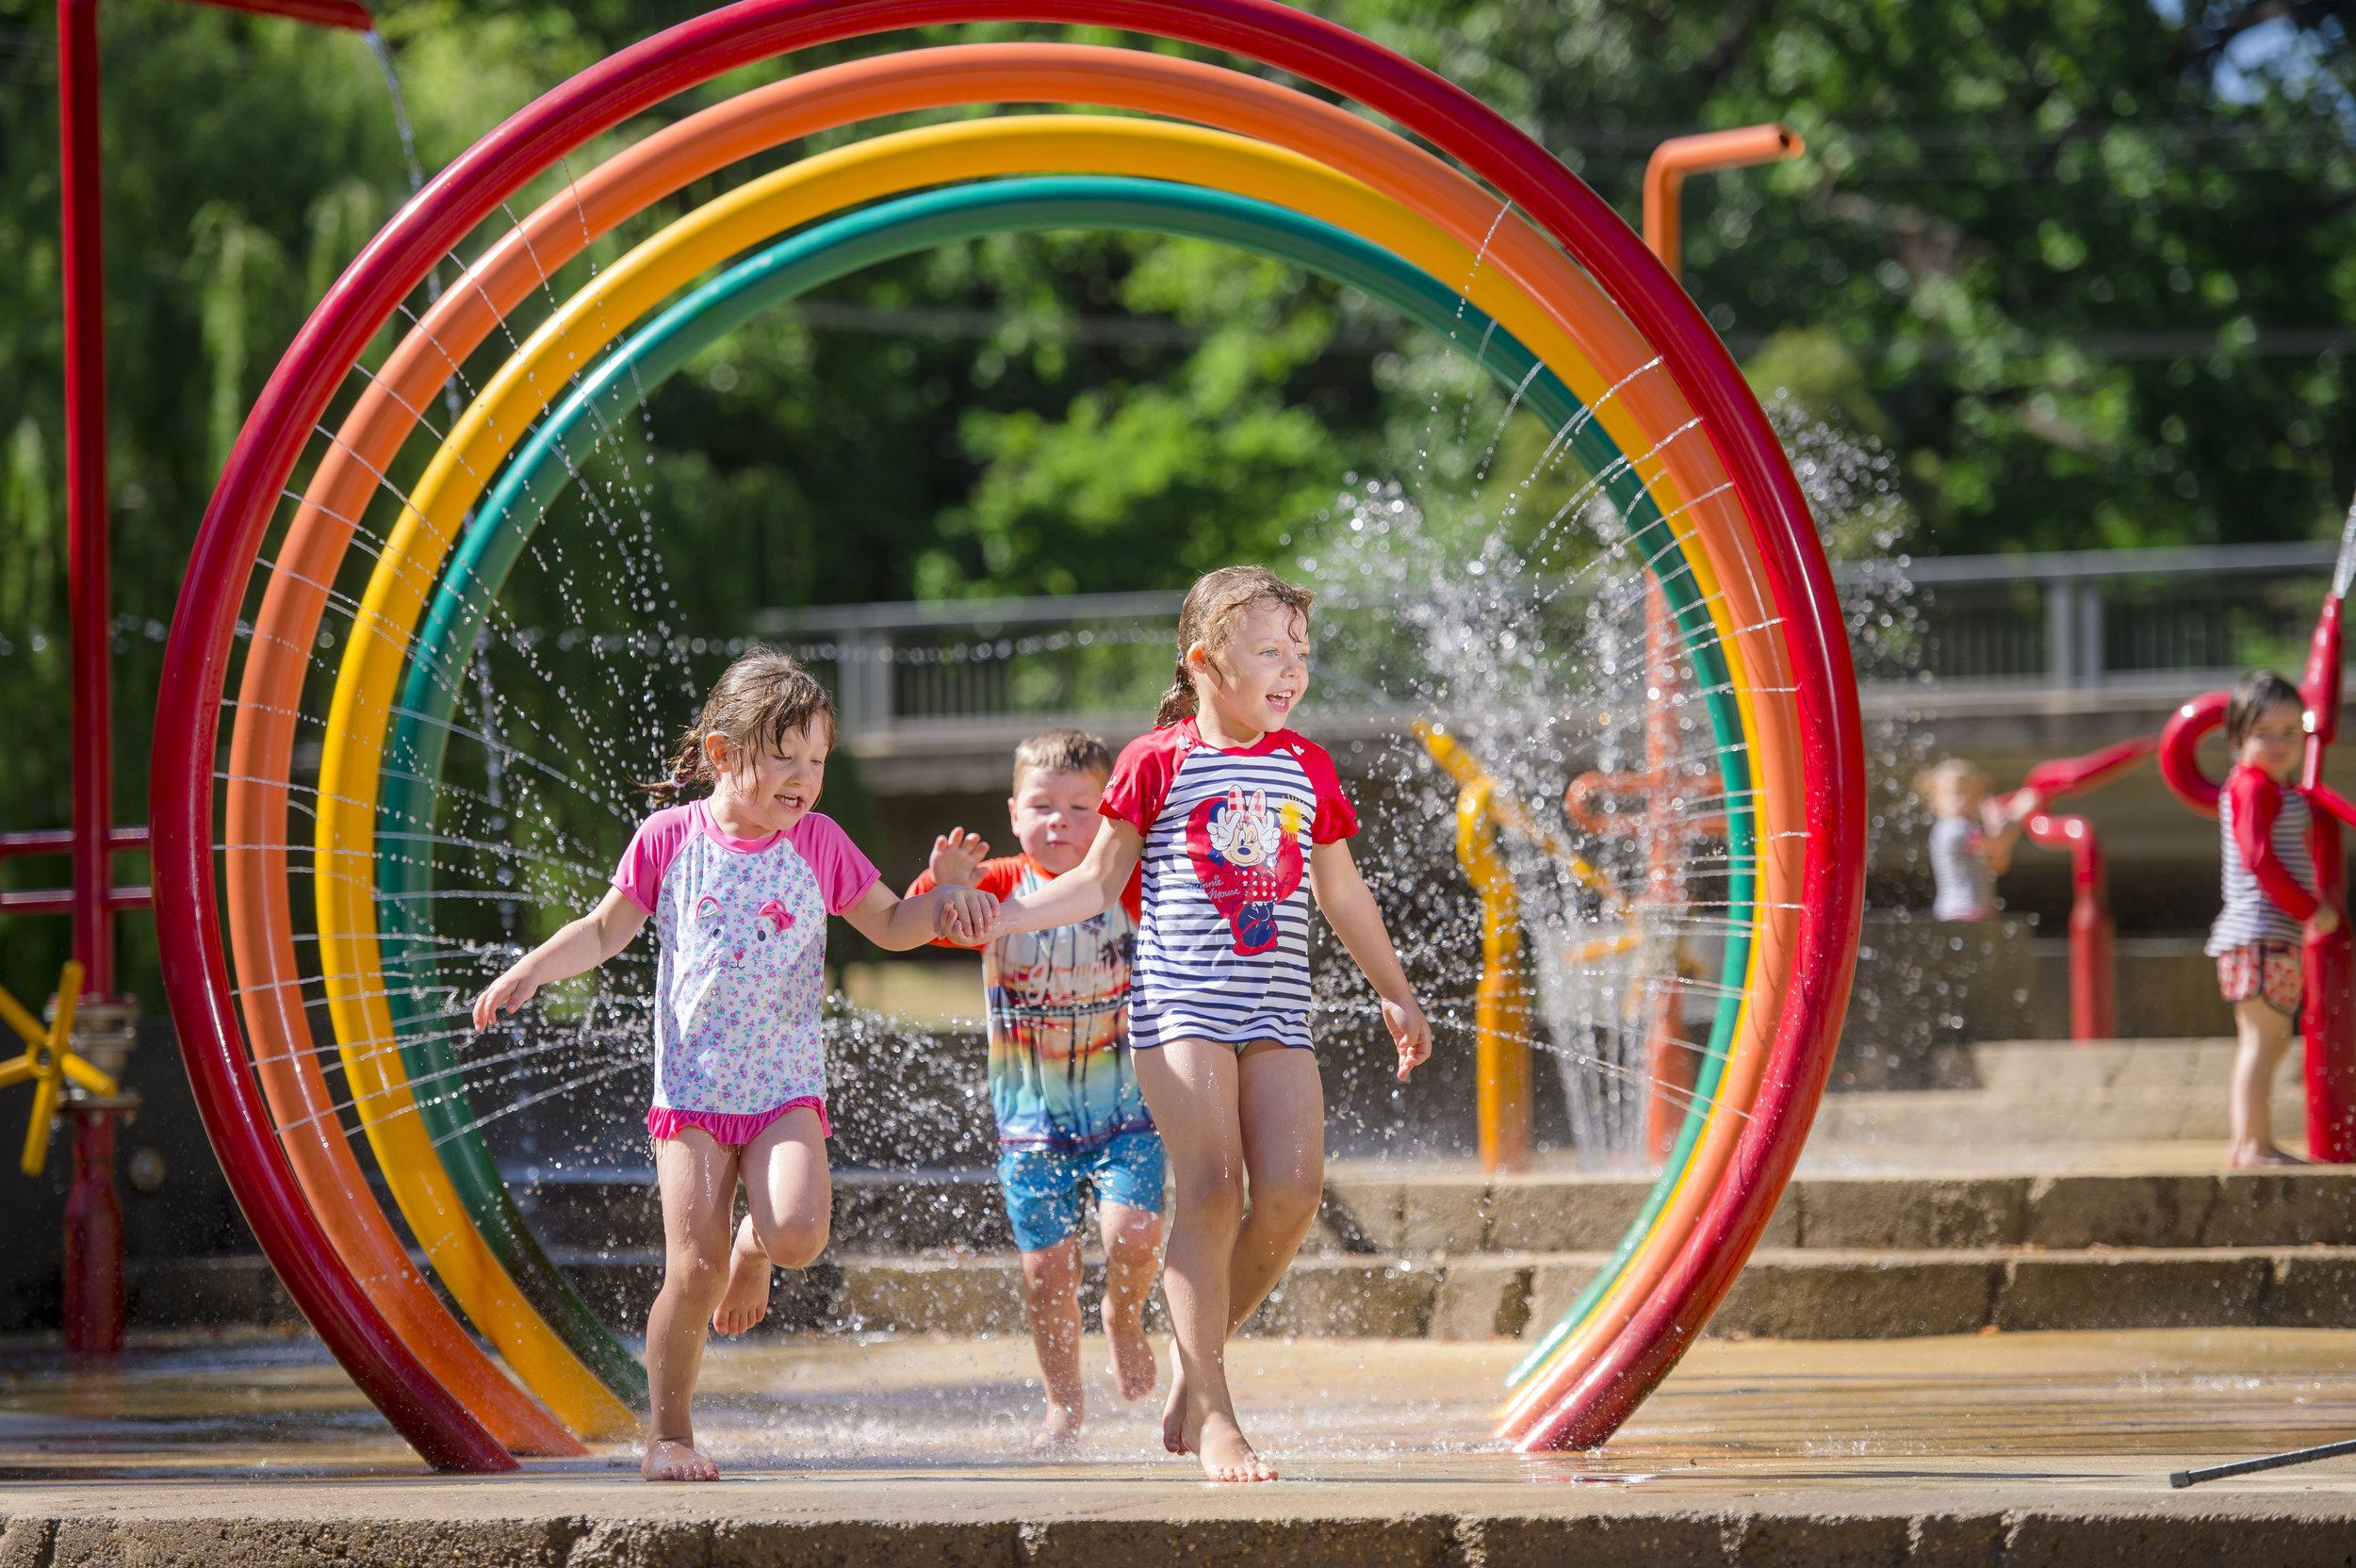 Summer fun! Brights splash park - 4 min walk from Lumley House